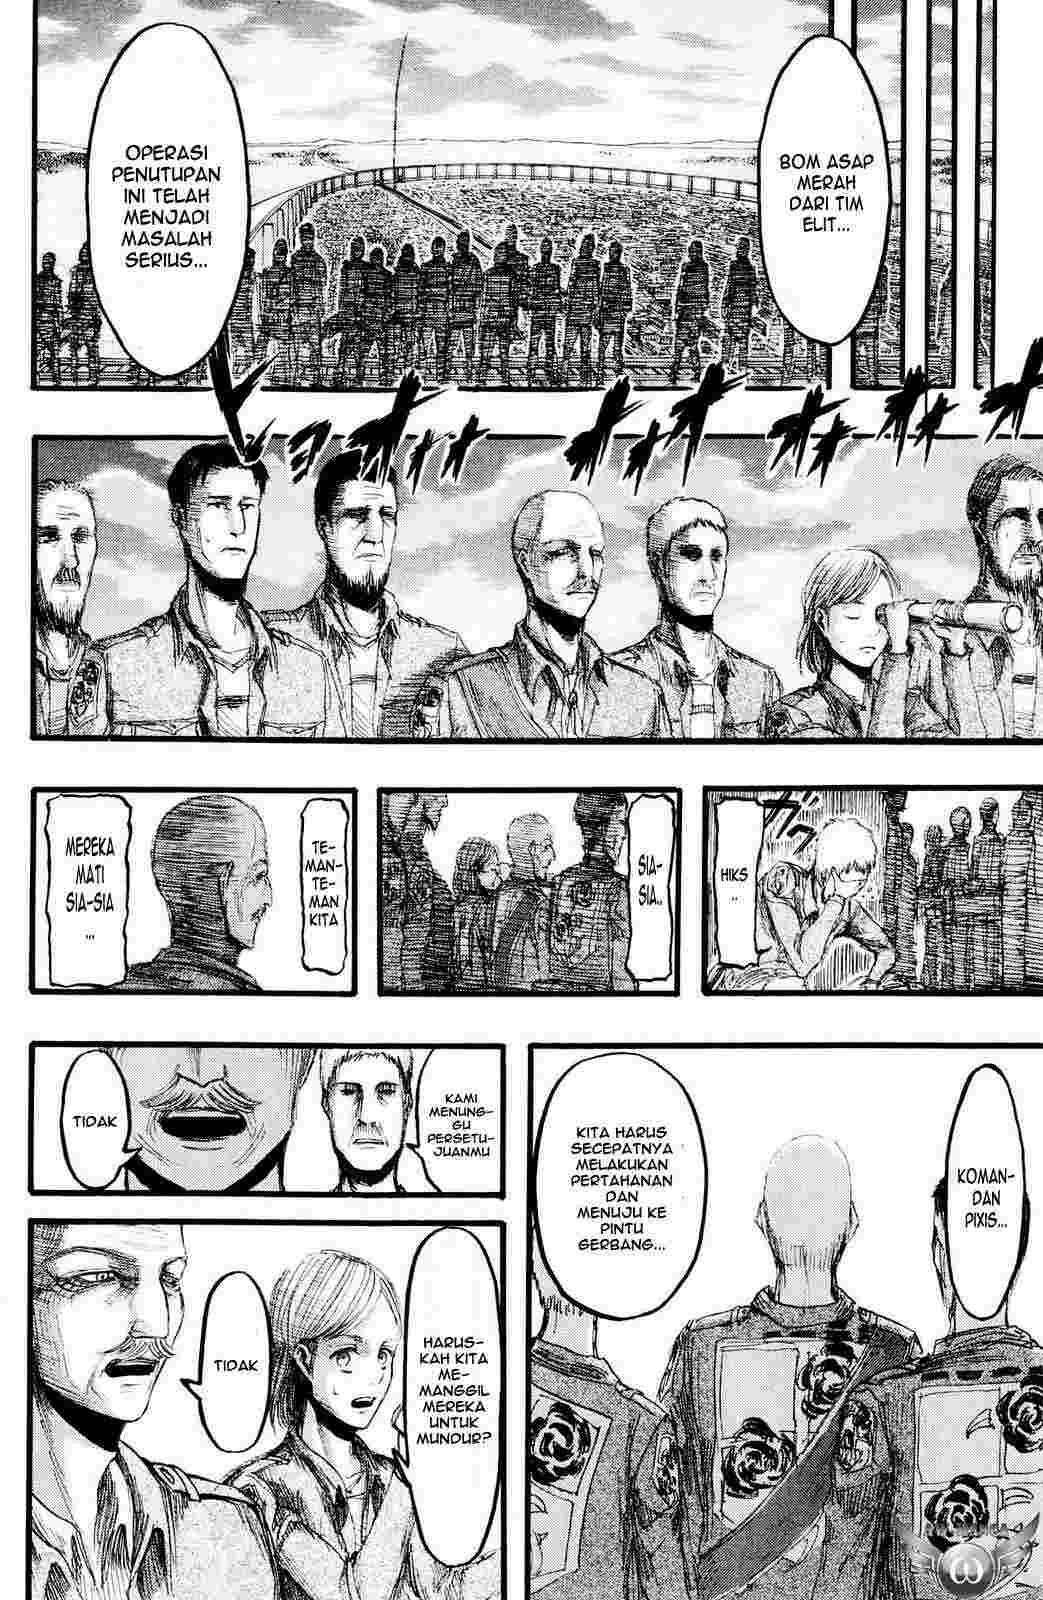 Komik shingeki no kyojin 013 - Luka 14 Indonesia shingeki no kyojin 013 - Luka Terbaru 11|Baca Manga Komik Indonesia|Mangaku